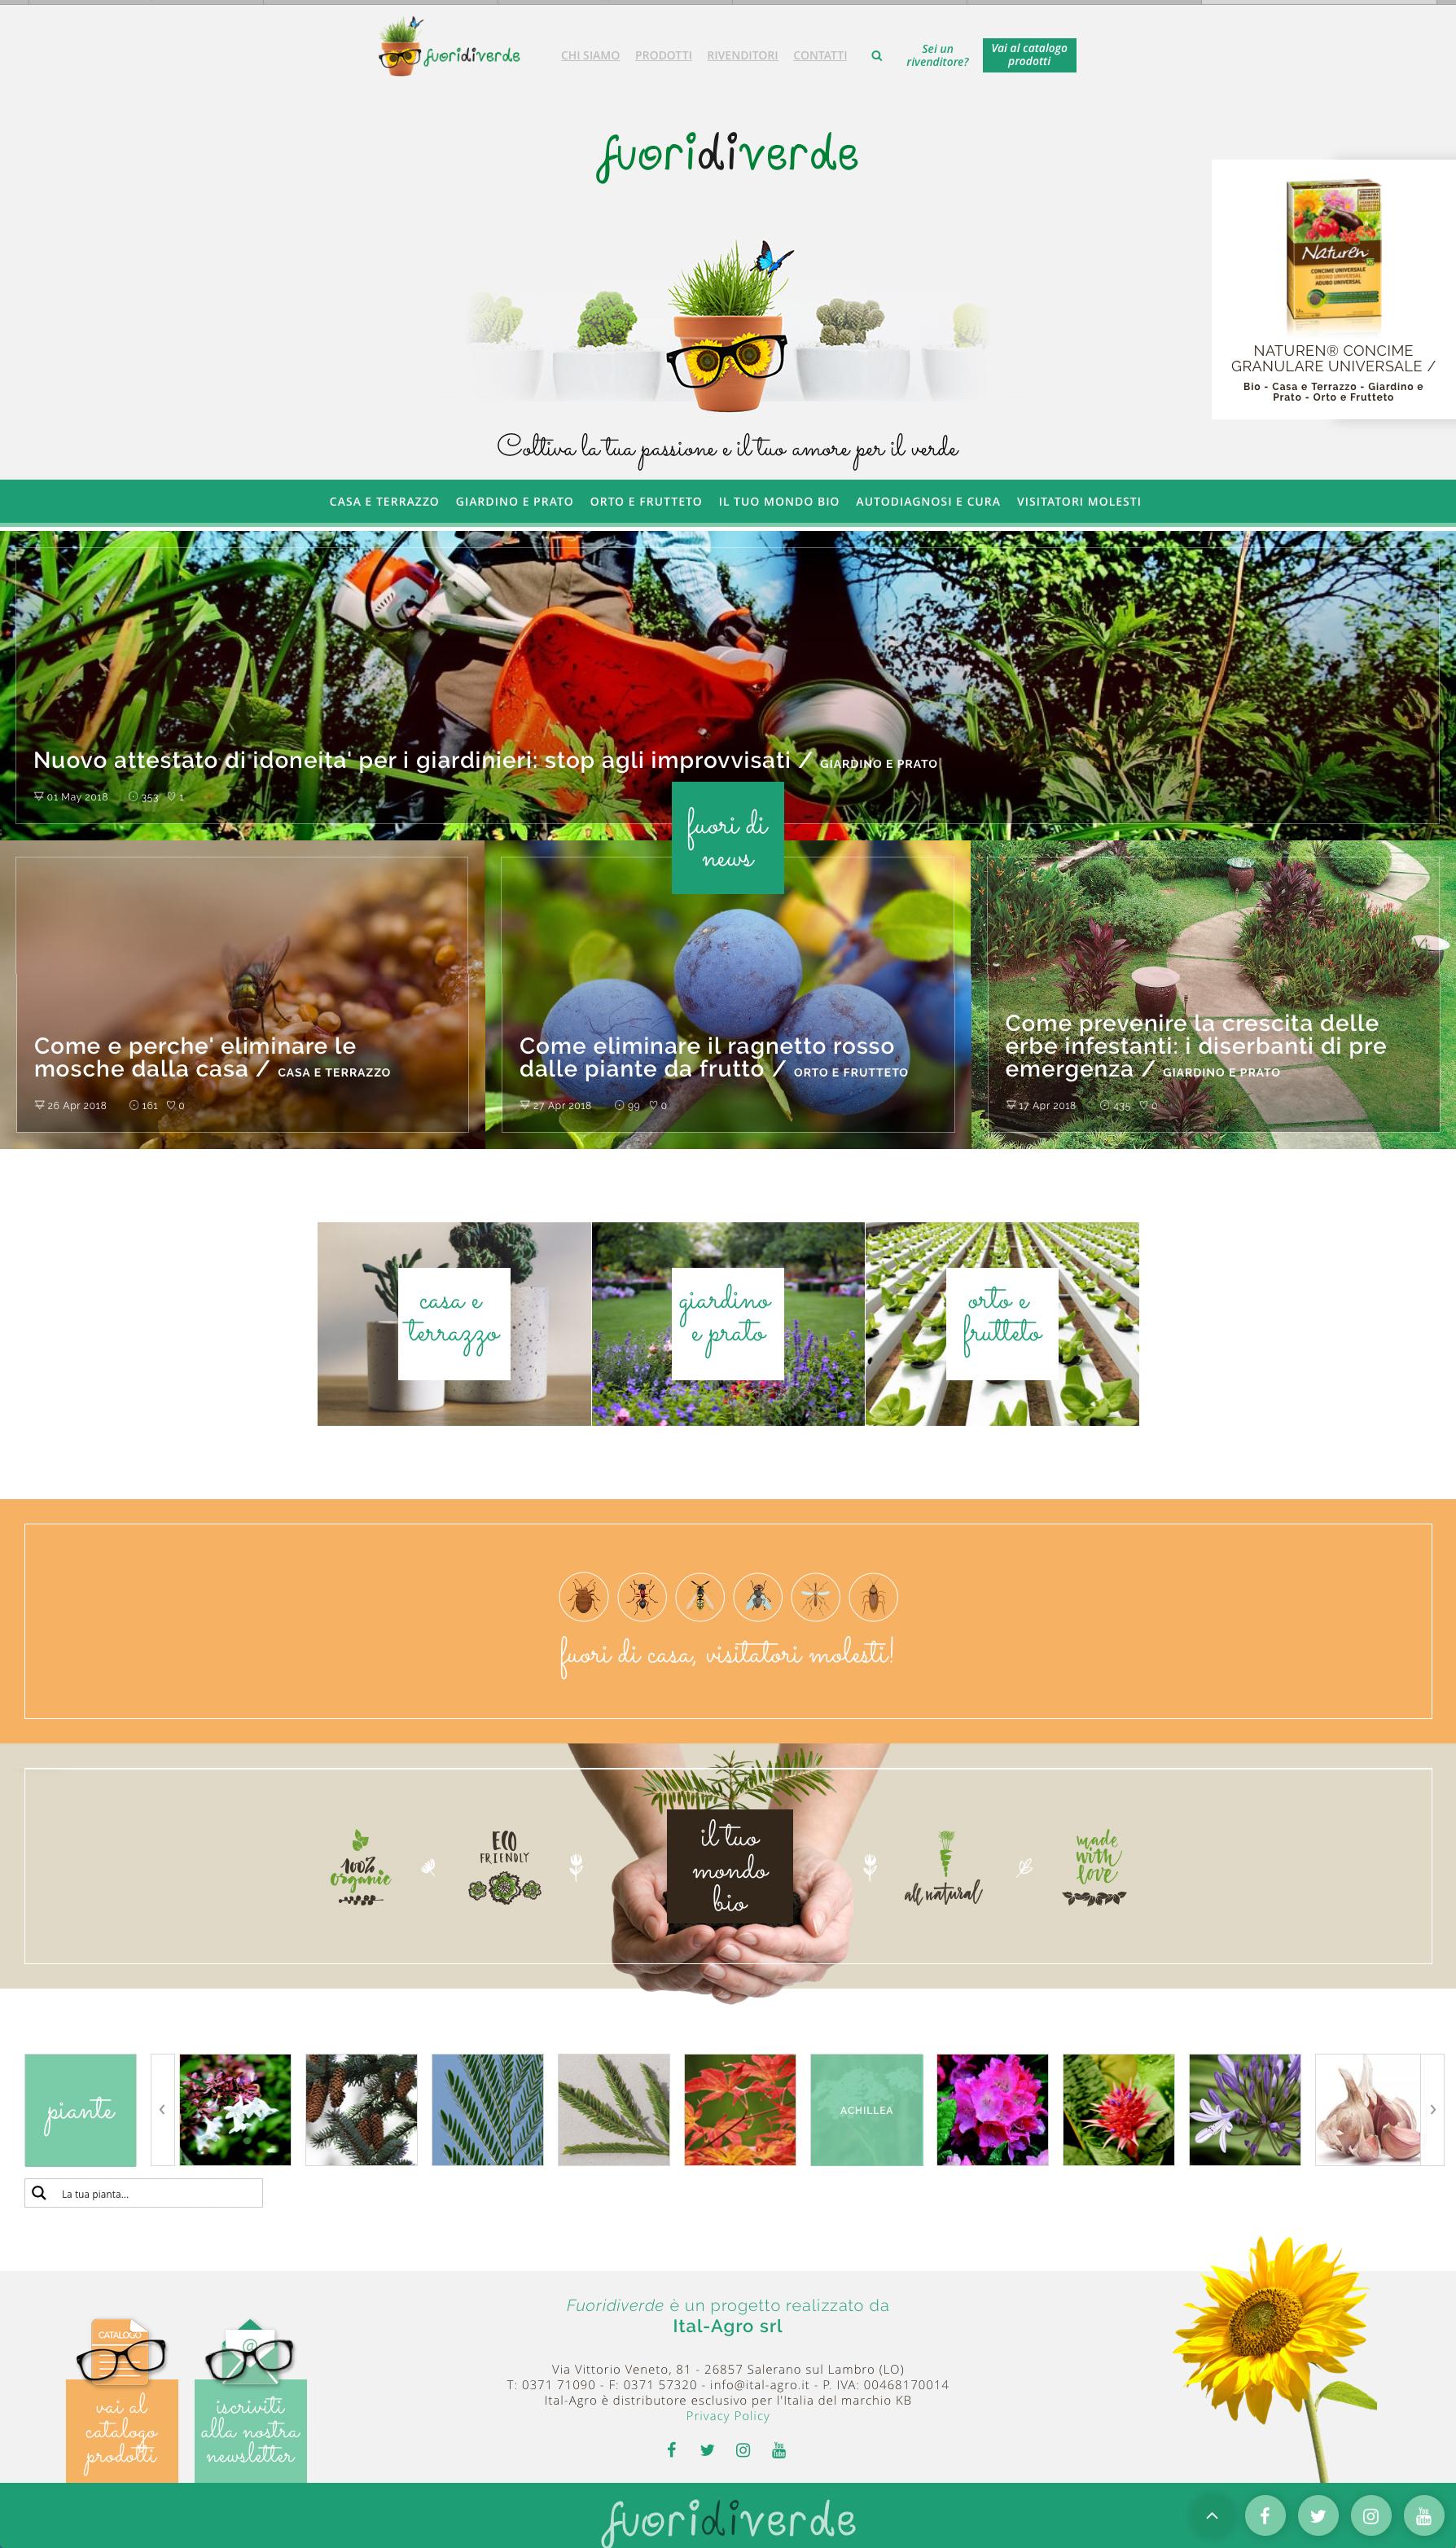 Sbarca Online Fuoridiverde, Il Nuovo Sito Di Ital-Agro Dedicato Al Giardinaggio